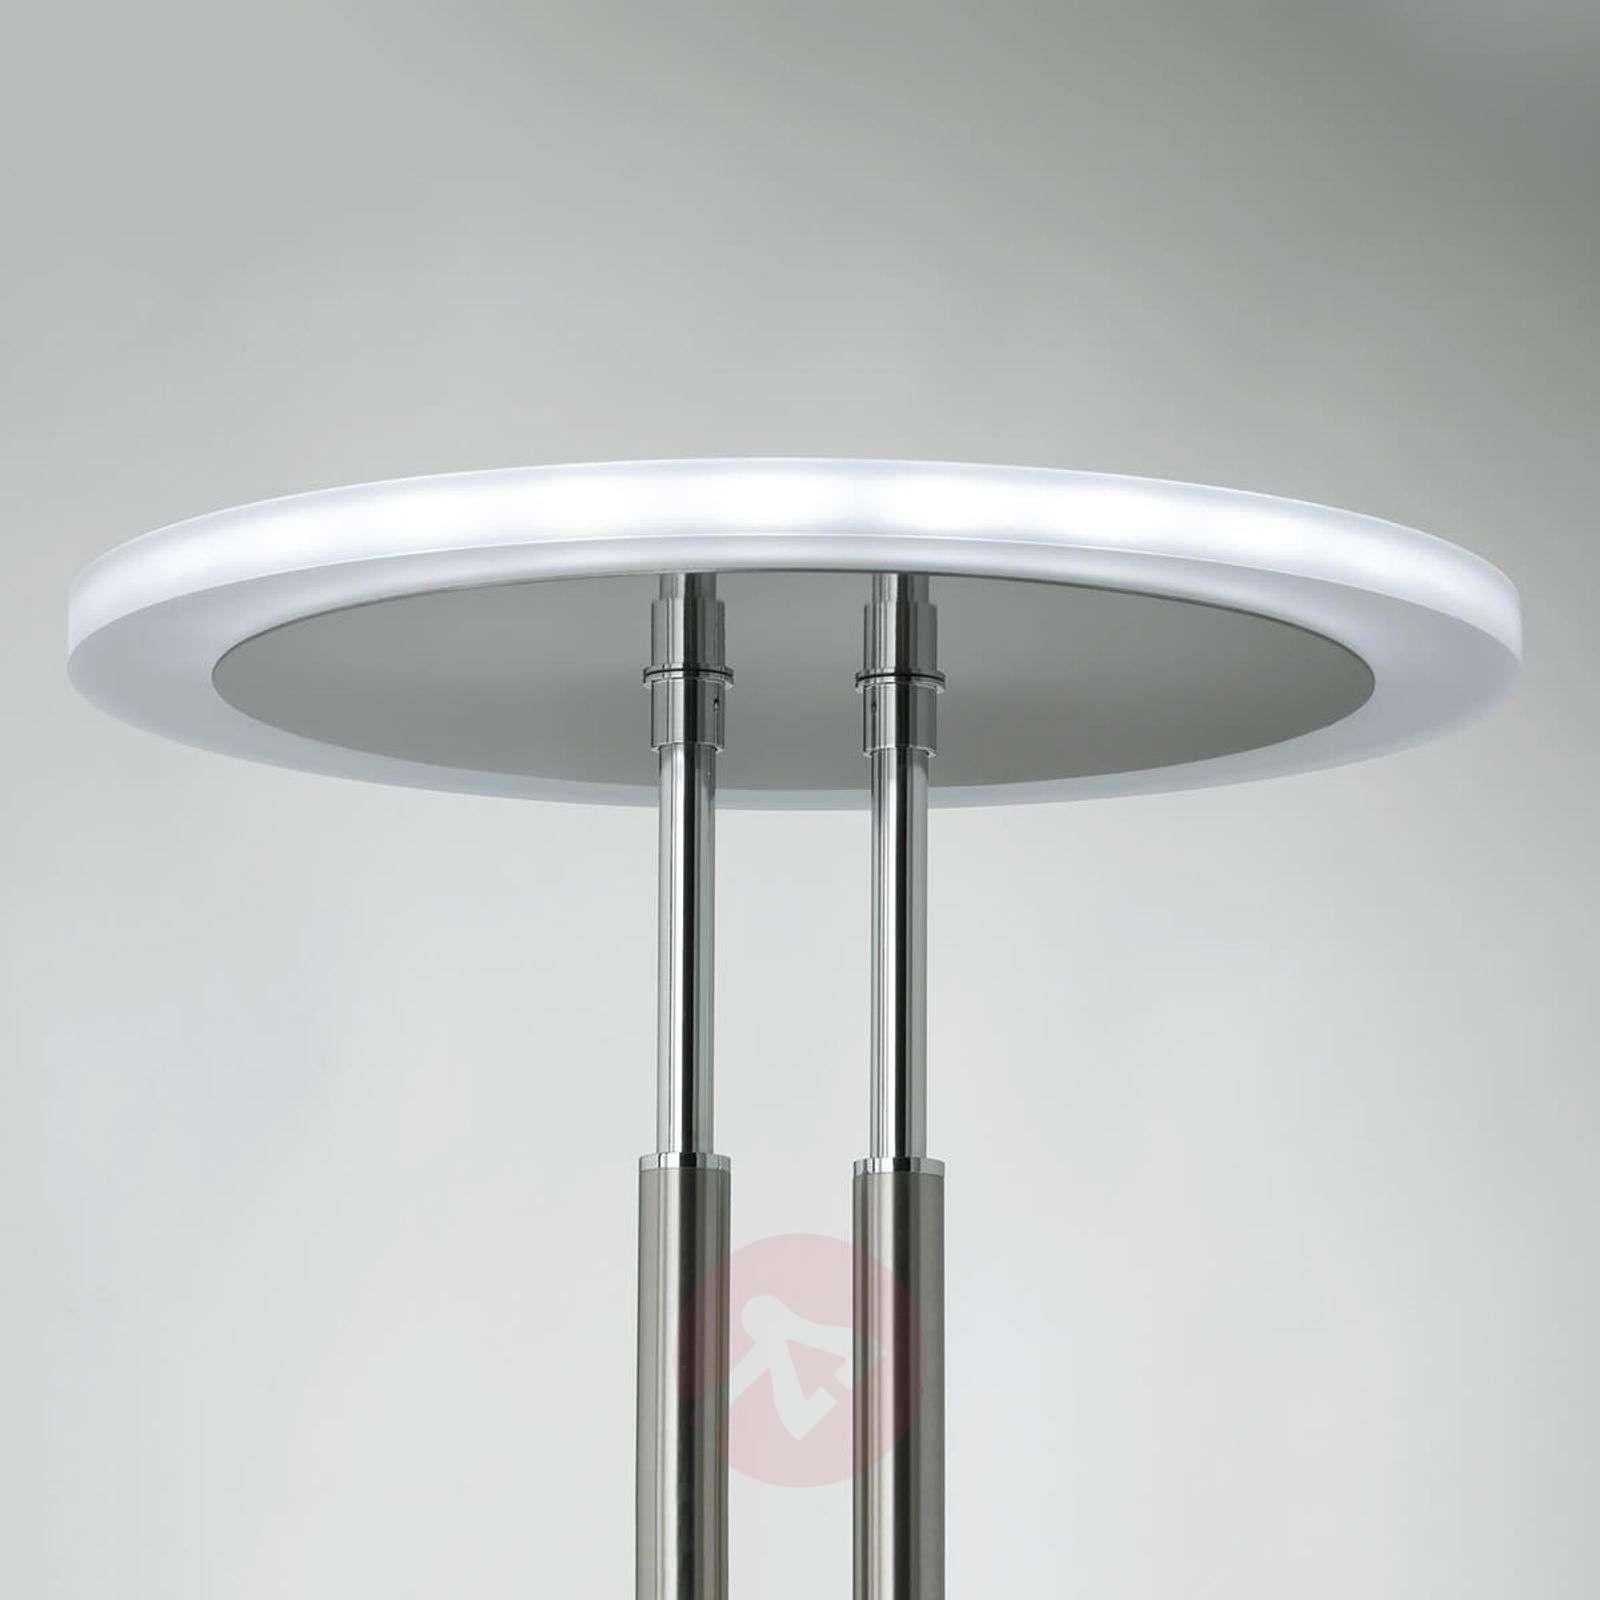 LED-lattiavalaisin Shine valitulla valovärillä-3525387-01